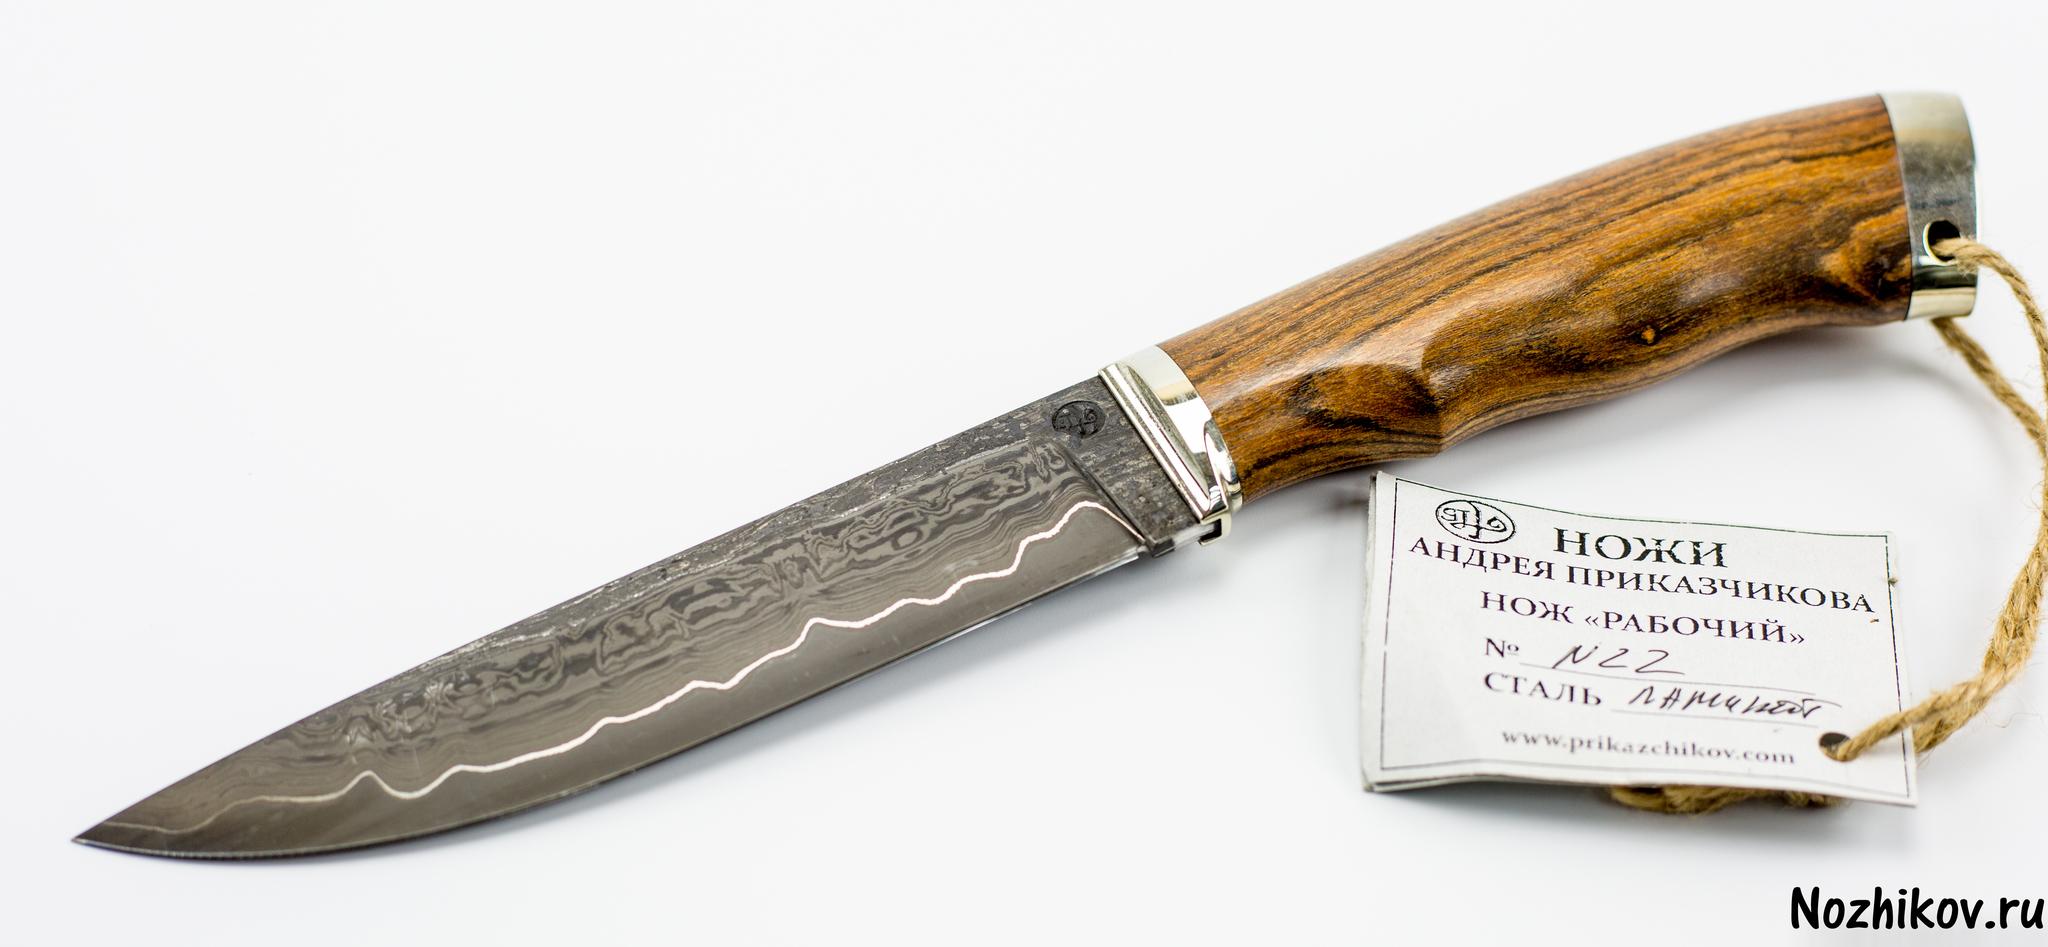 Нож Рабочий №22 из Ламината, от ПриказчиковаНожи Павлово<br><br>